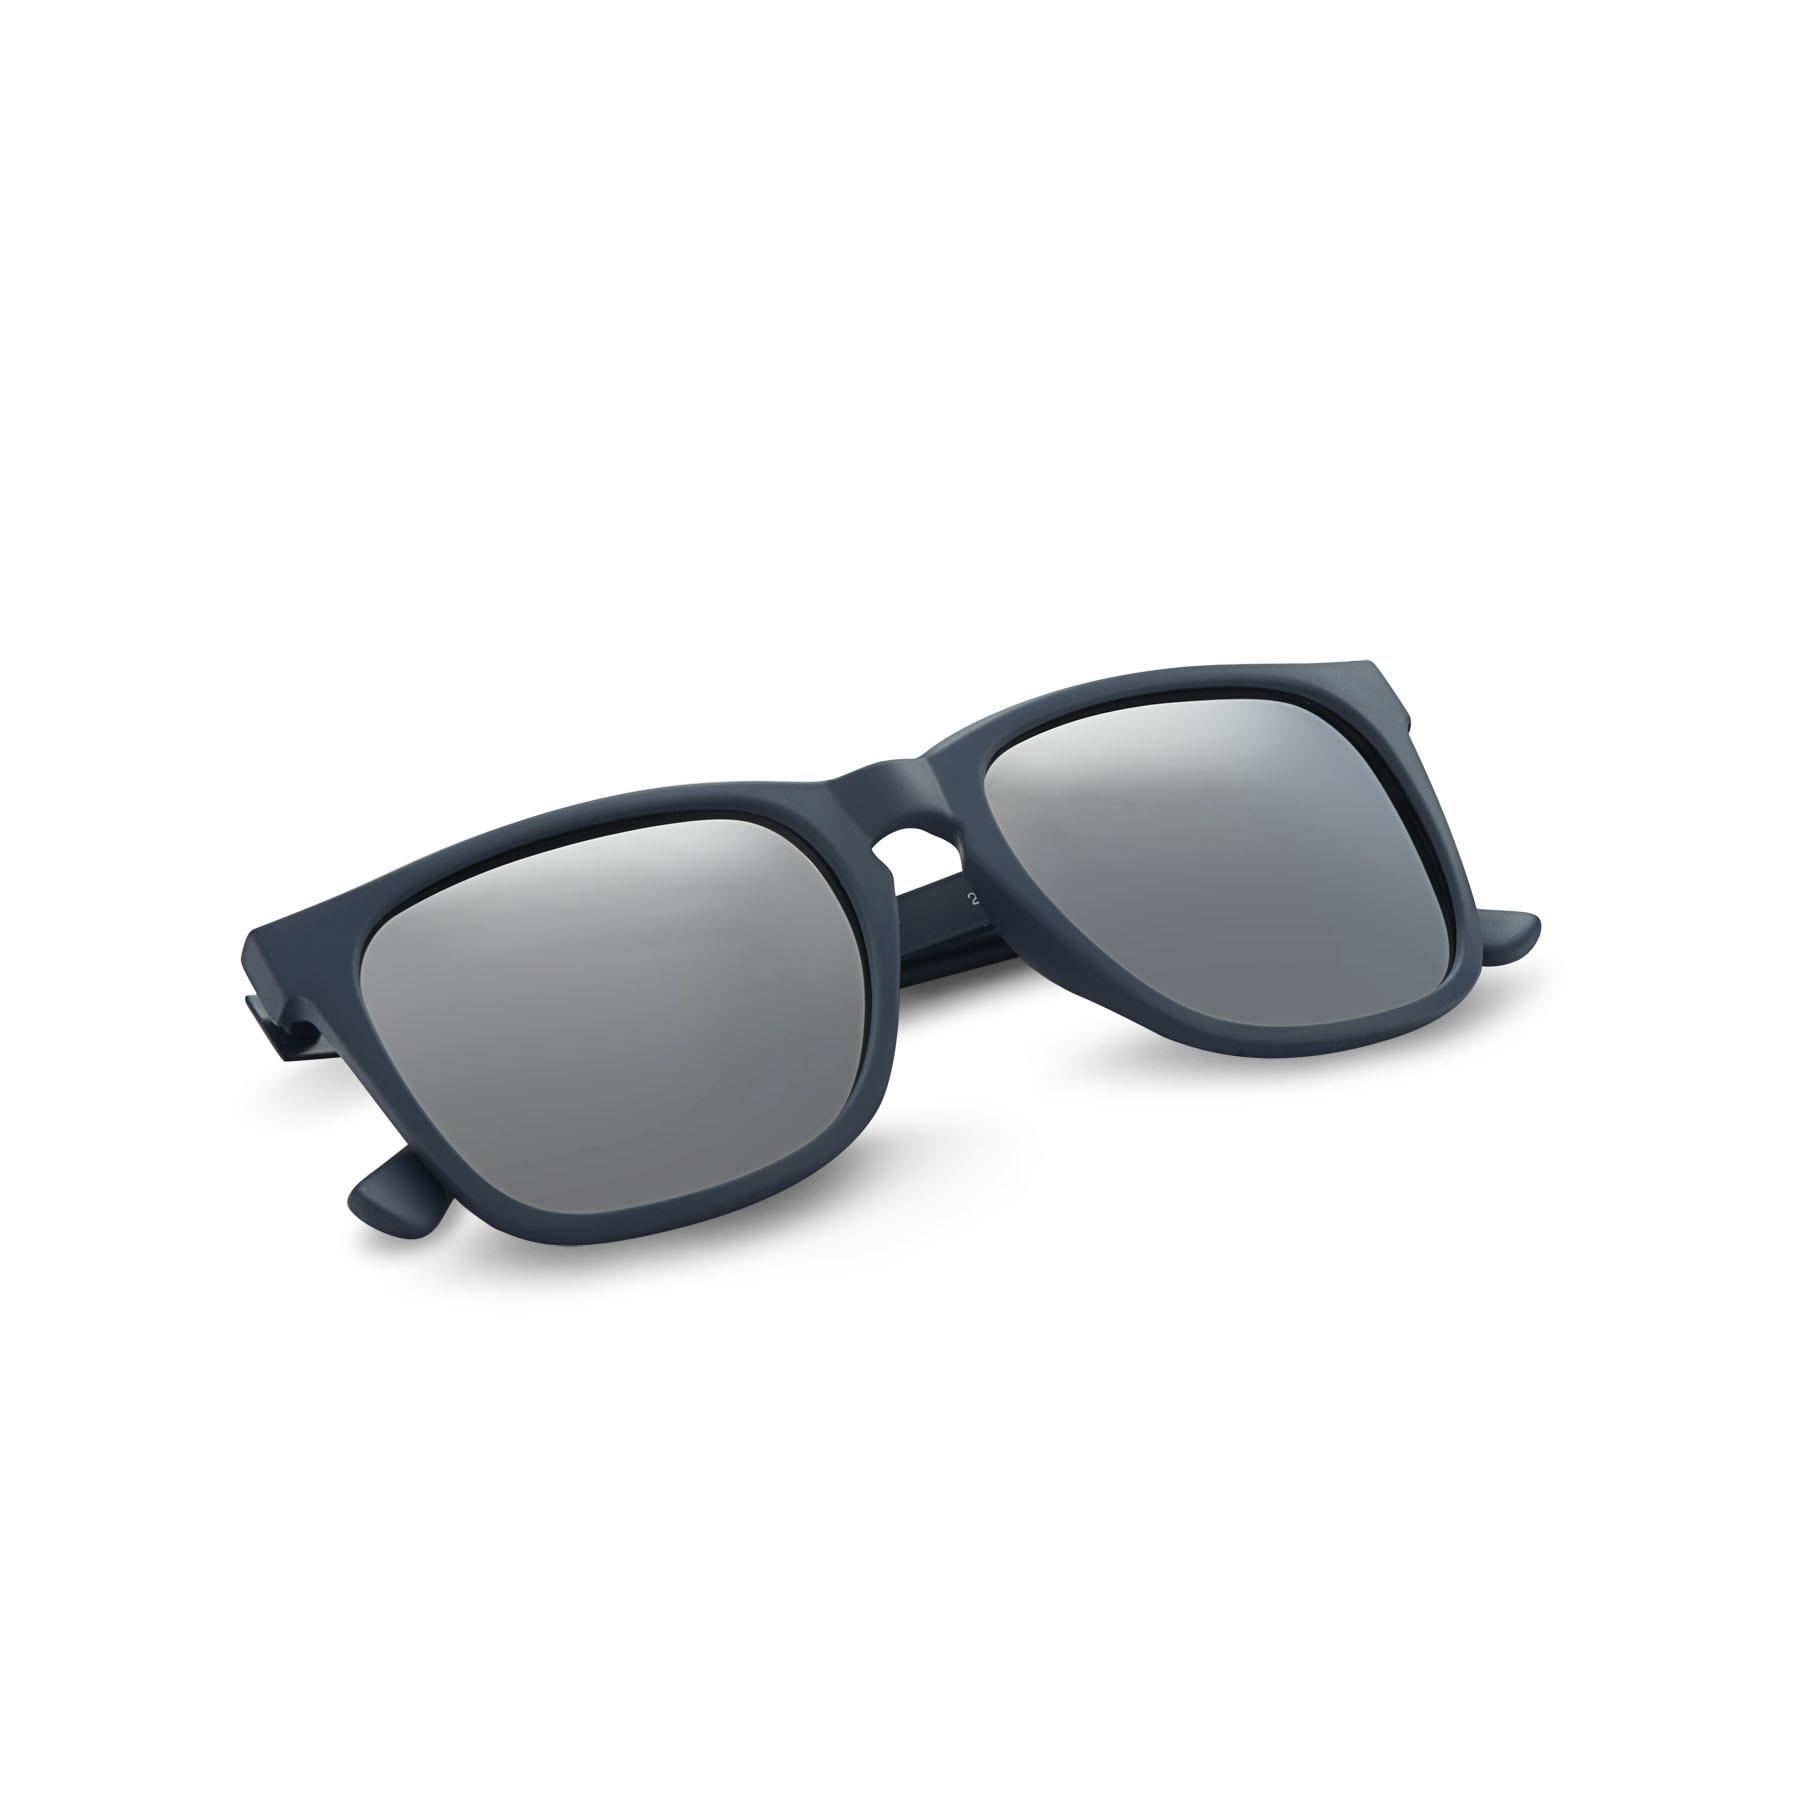 30c4b4fe2ef9f Caprio Unisex Mirrored Retro Square Sunglasses